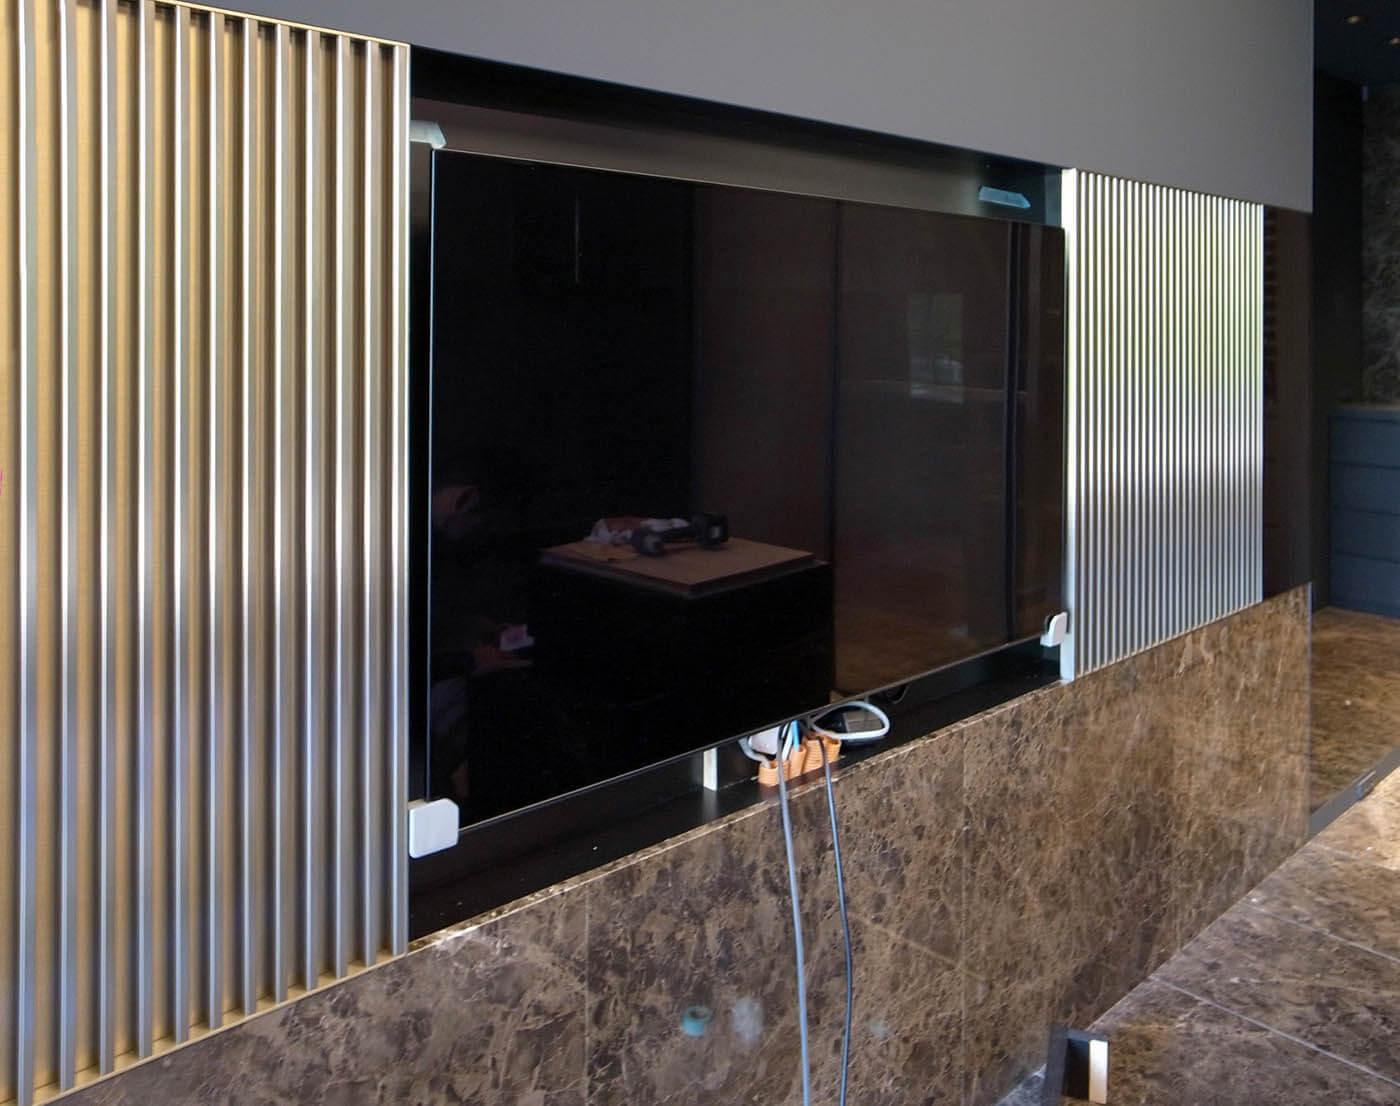 壁掛けテレビと両サイドの金属パネル